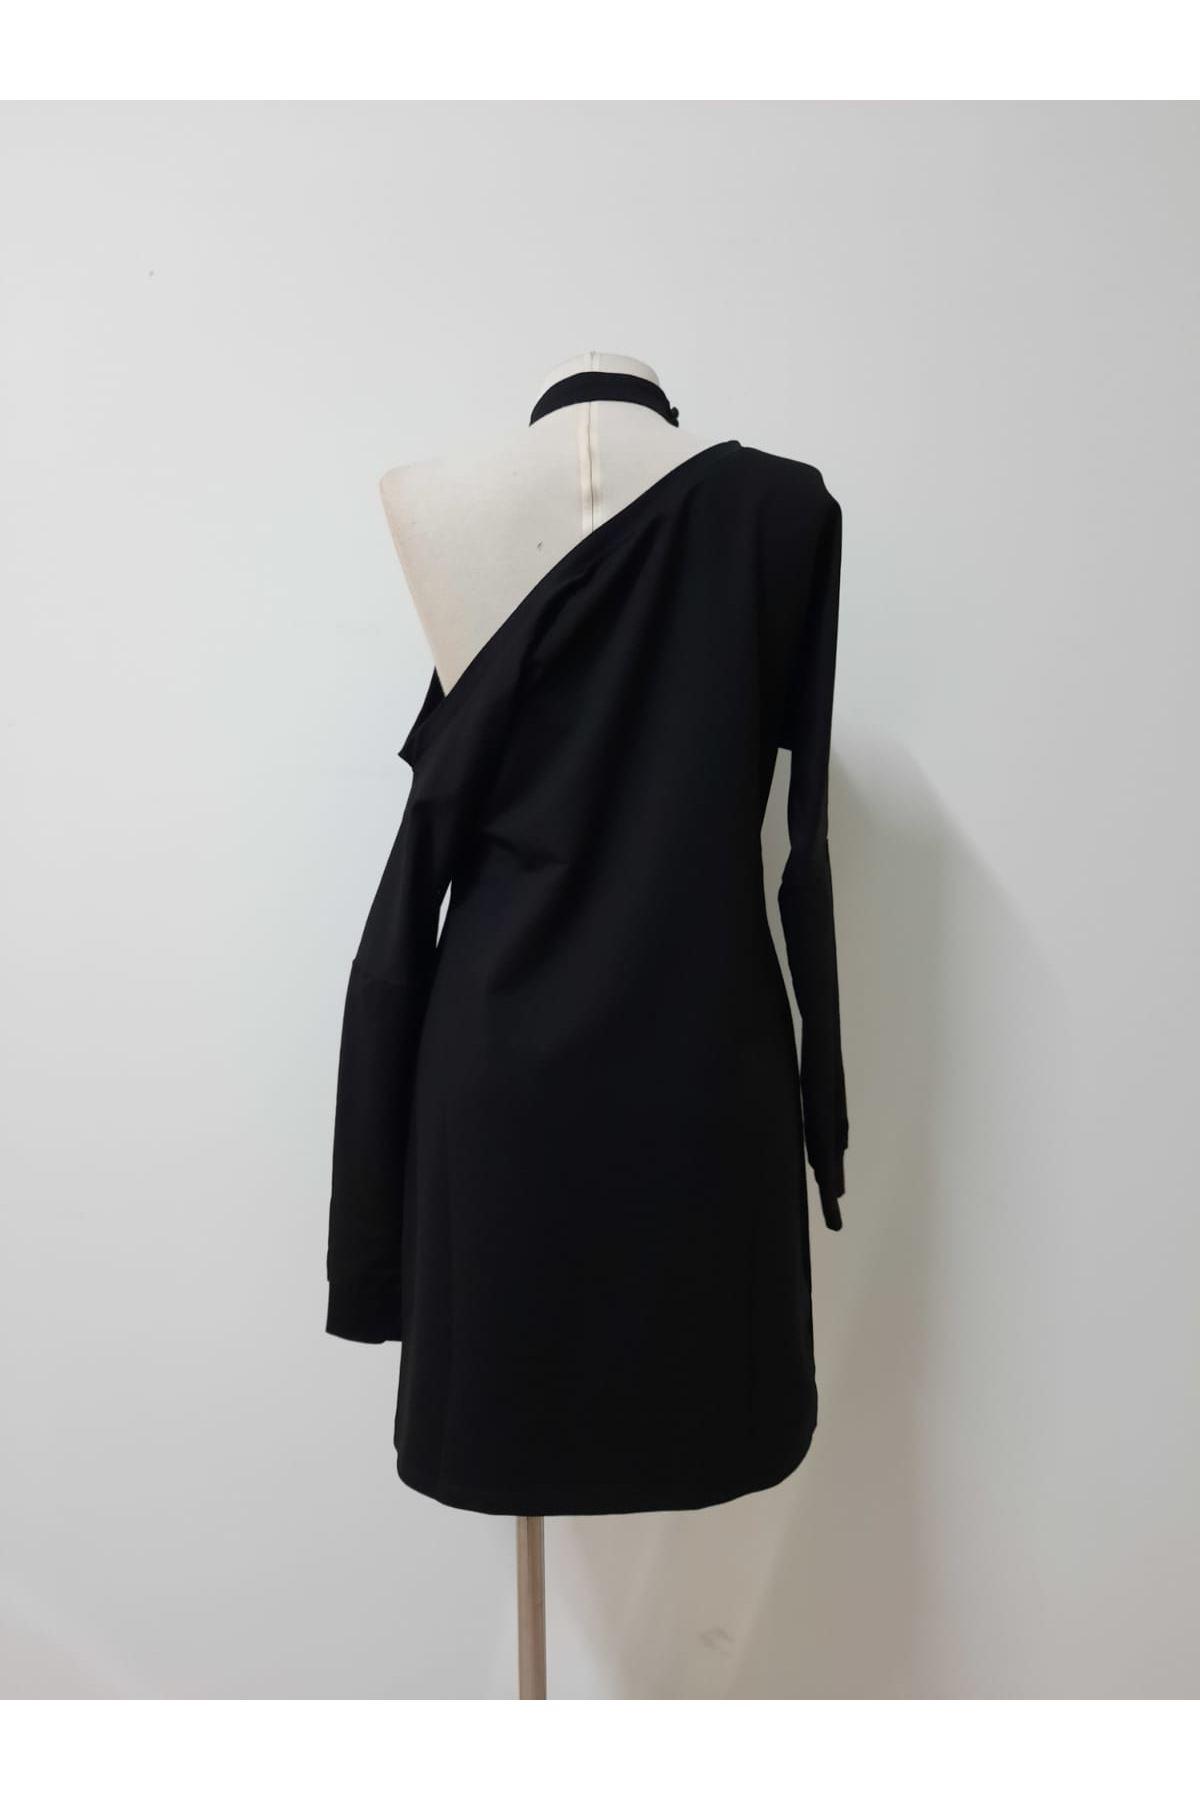 Boyun Bantlı İki İplik Elbise - SİYAH